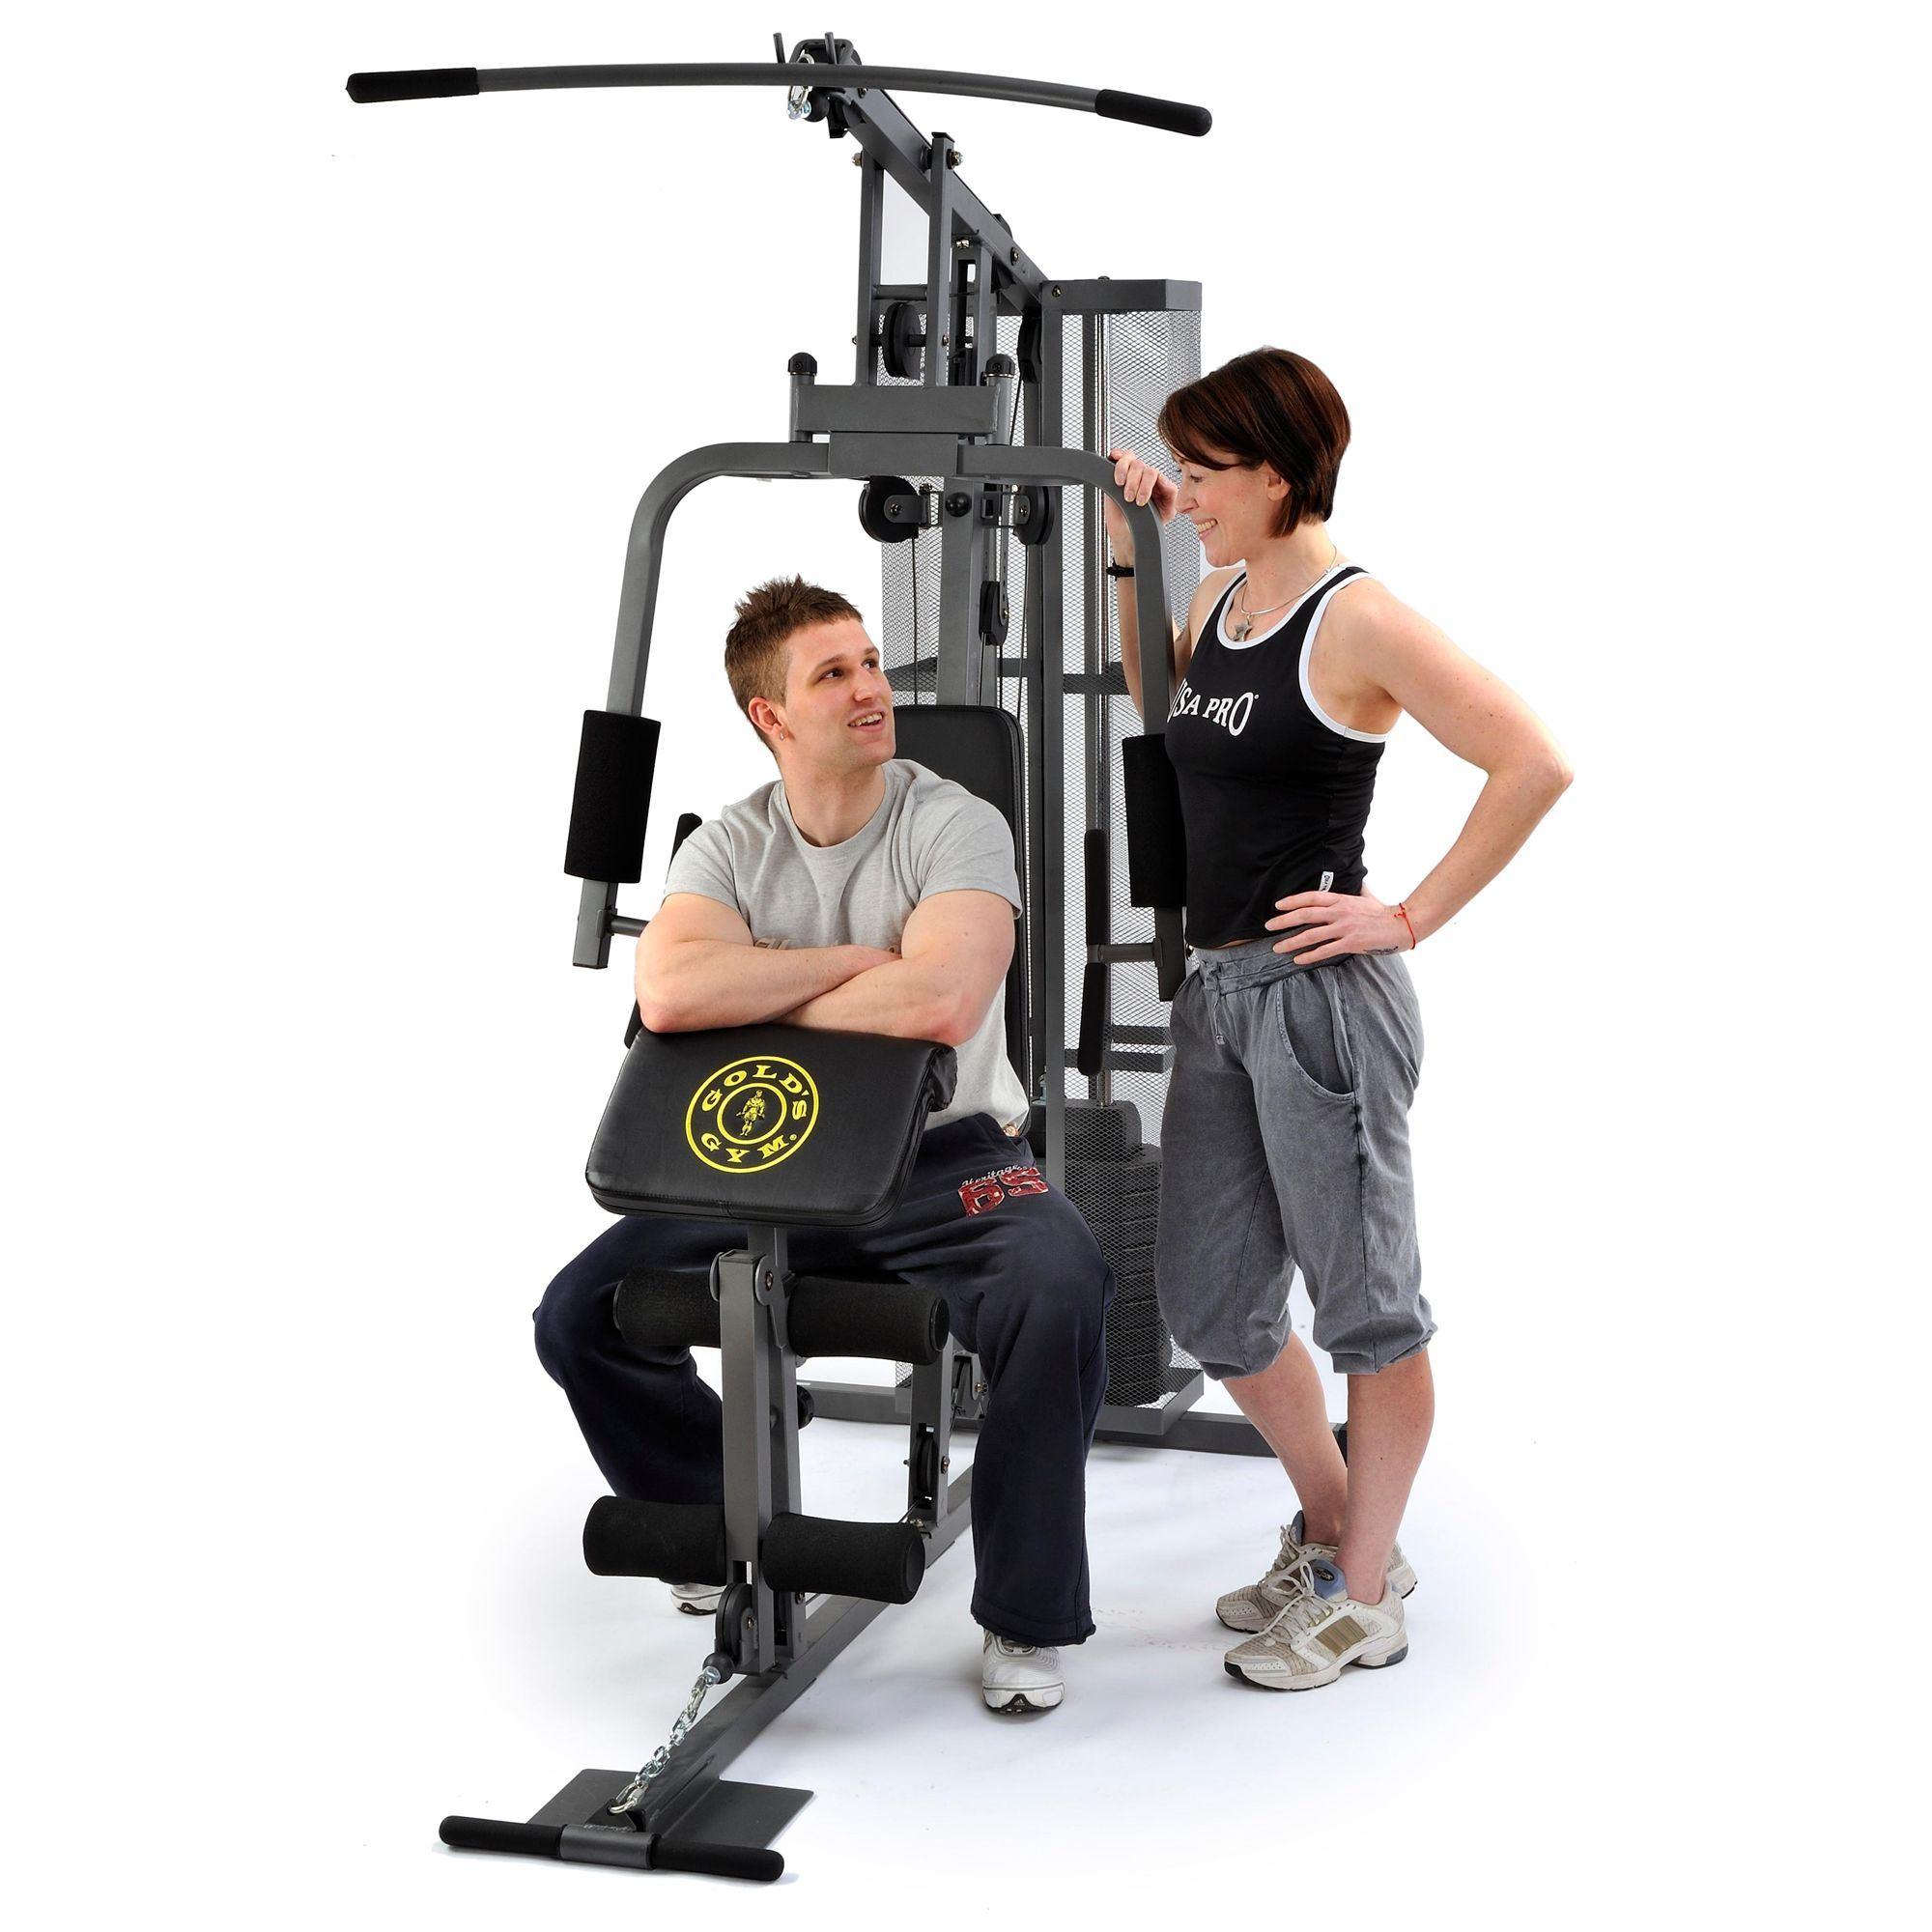 Golds Gym Multi Gym Sweatband Com